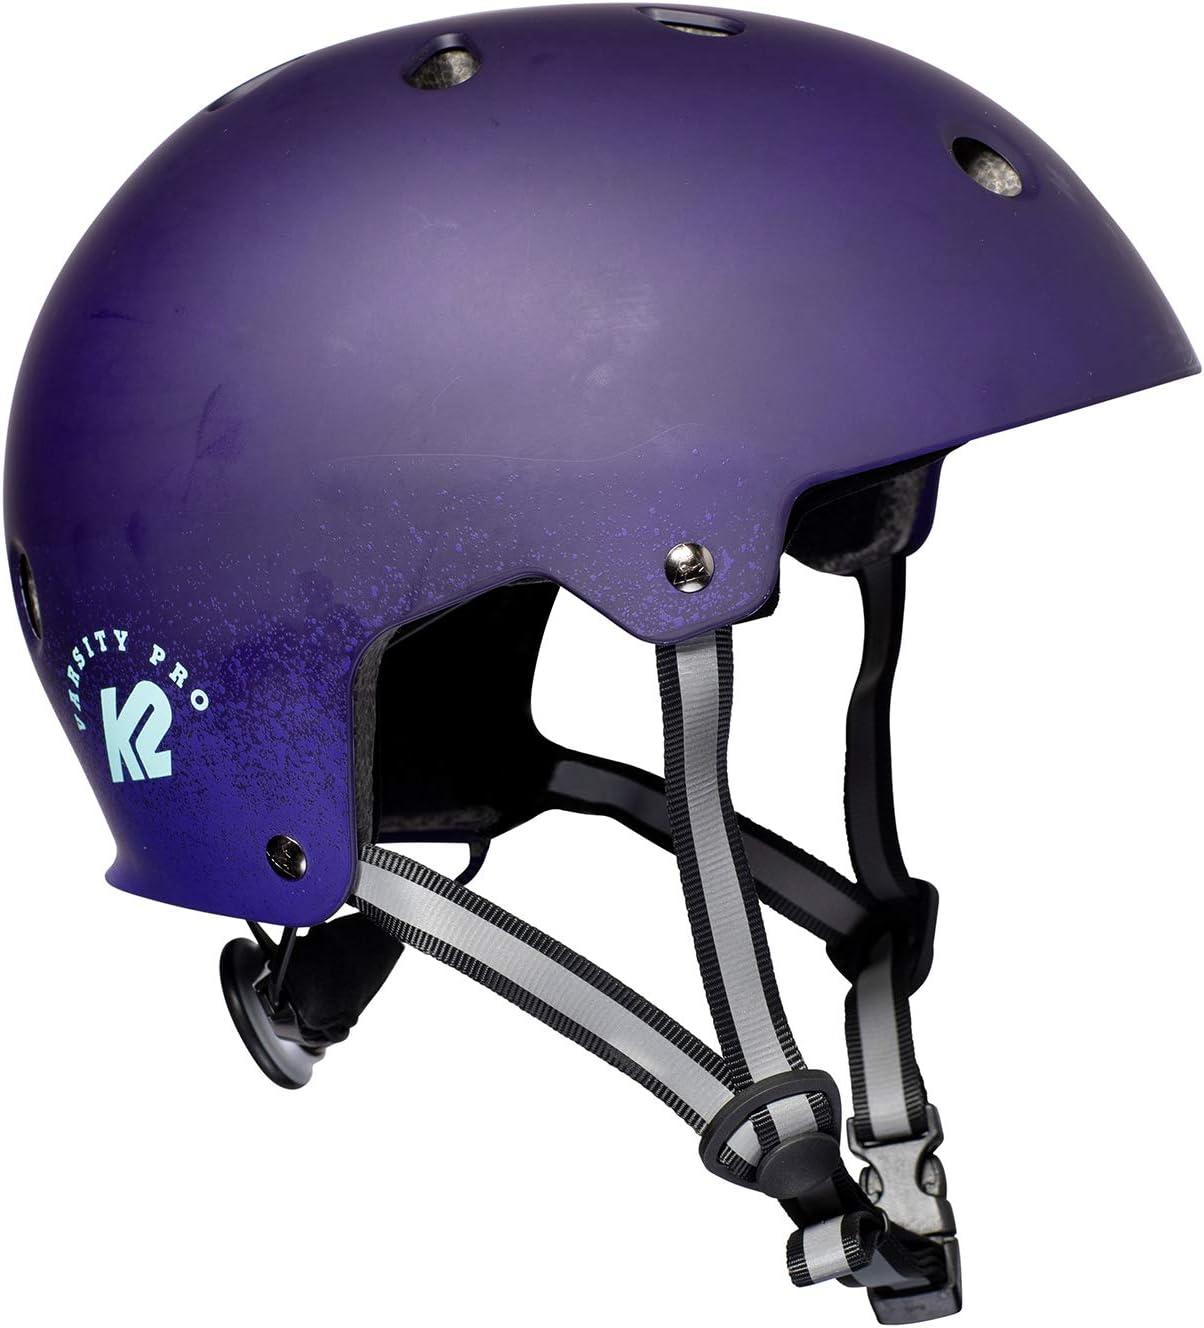 K2 Skate Varsity 直営ストア 2020モデル Pro Helmet